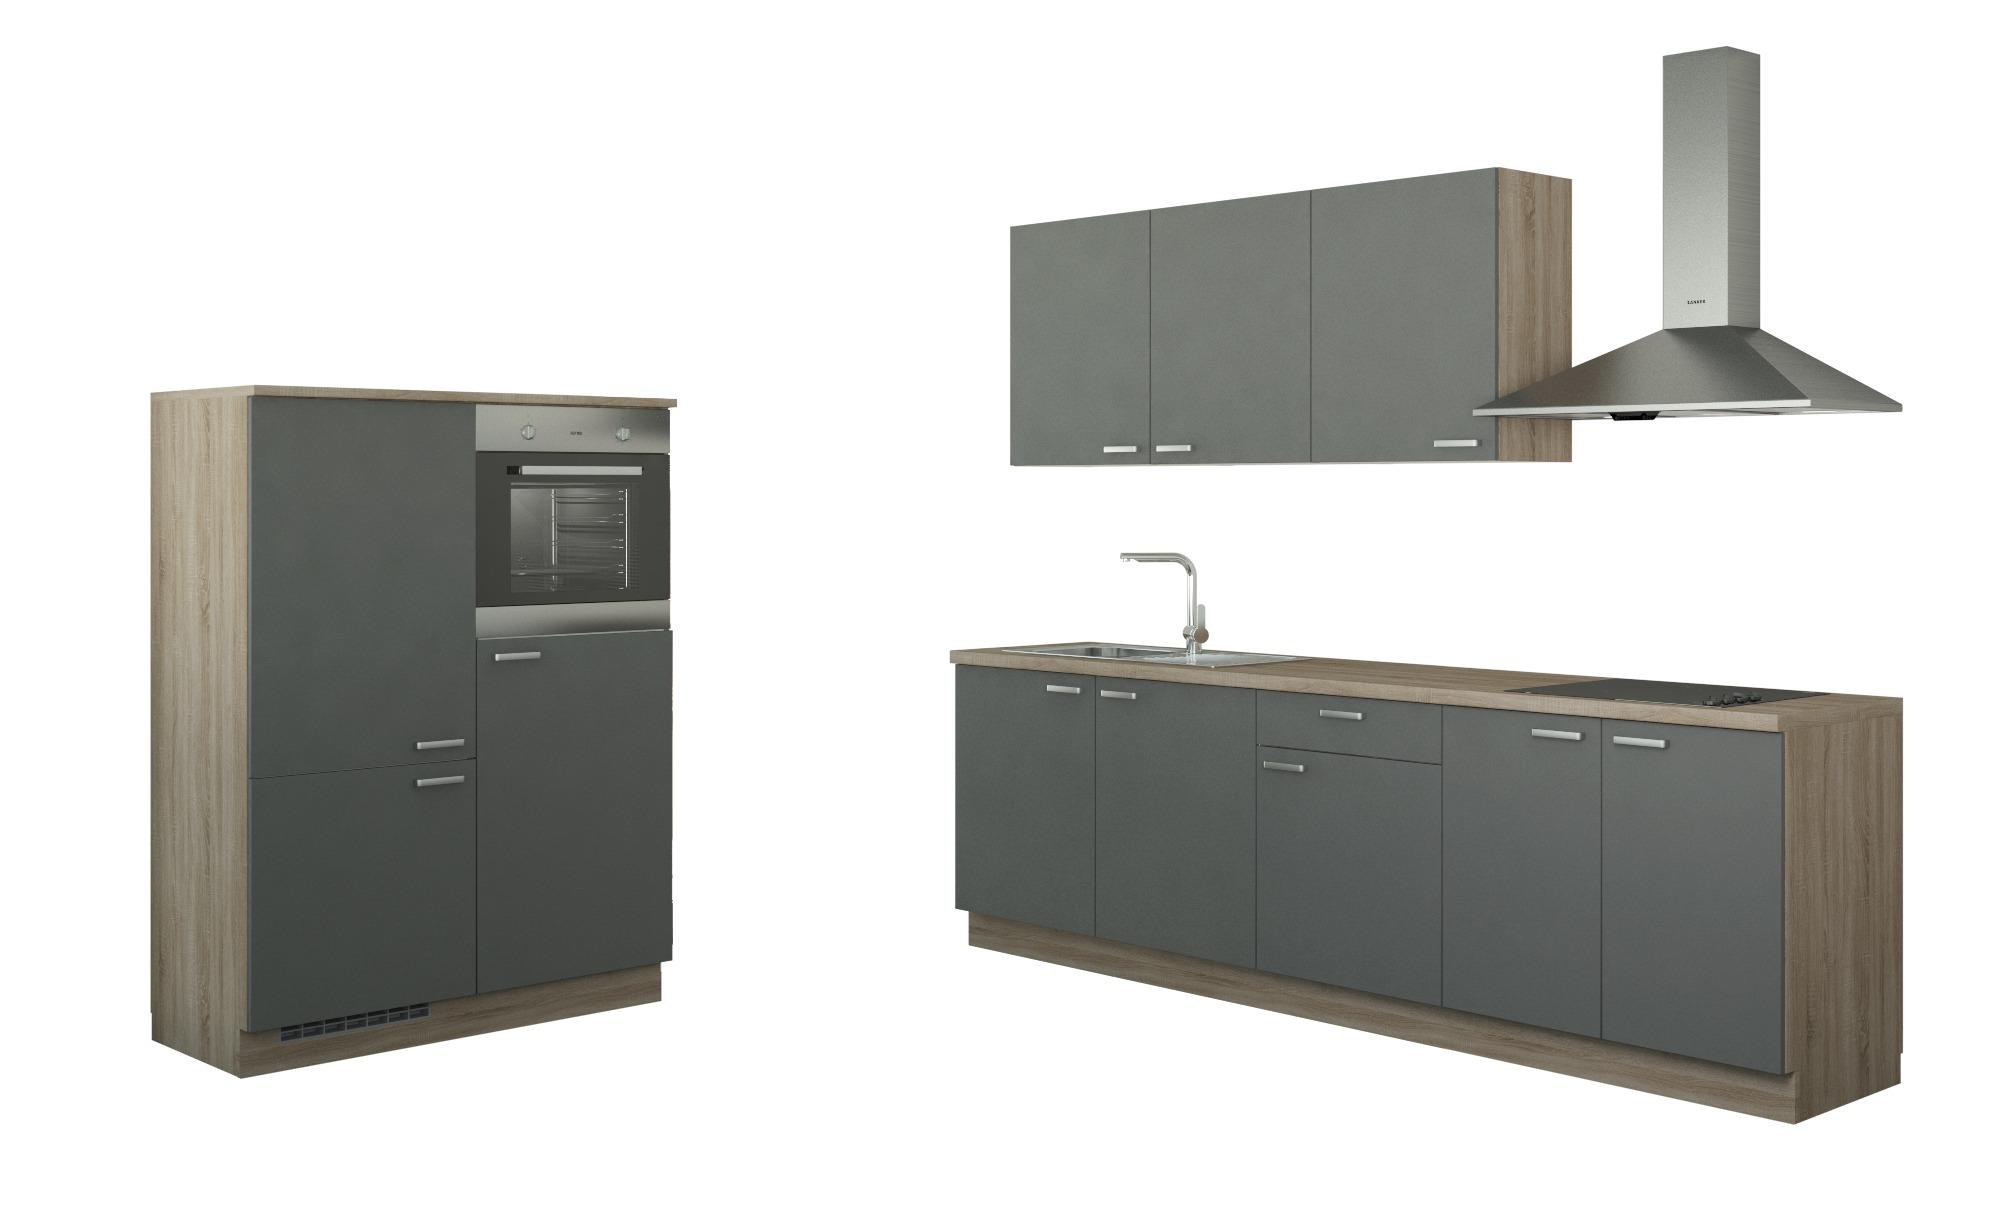 Küchenzeile mit Elektrogeräten   Gotha ¦ grau Küchen > Küchenblöcke - Höffner | Küche und Esszimmer > Küchen > Küchenzeilen | Grau | Holzwerkstoff | Möbel Höffner DE